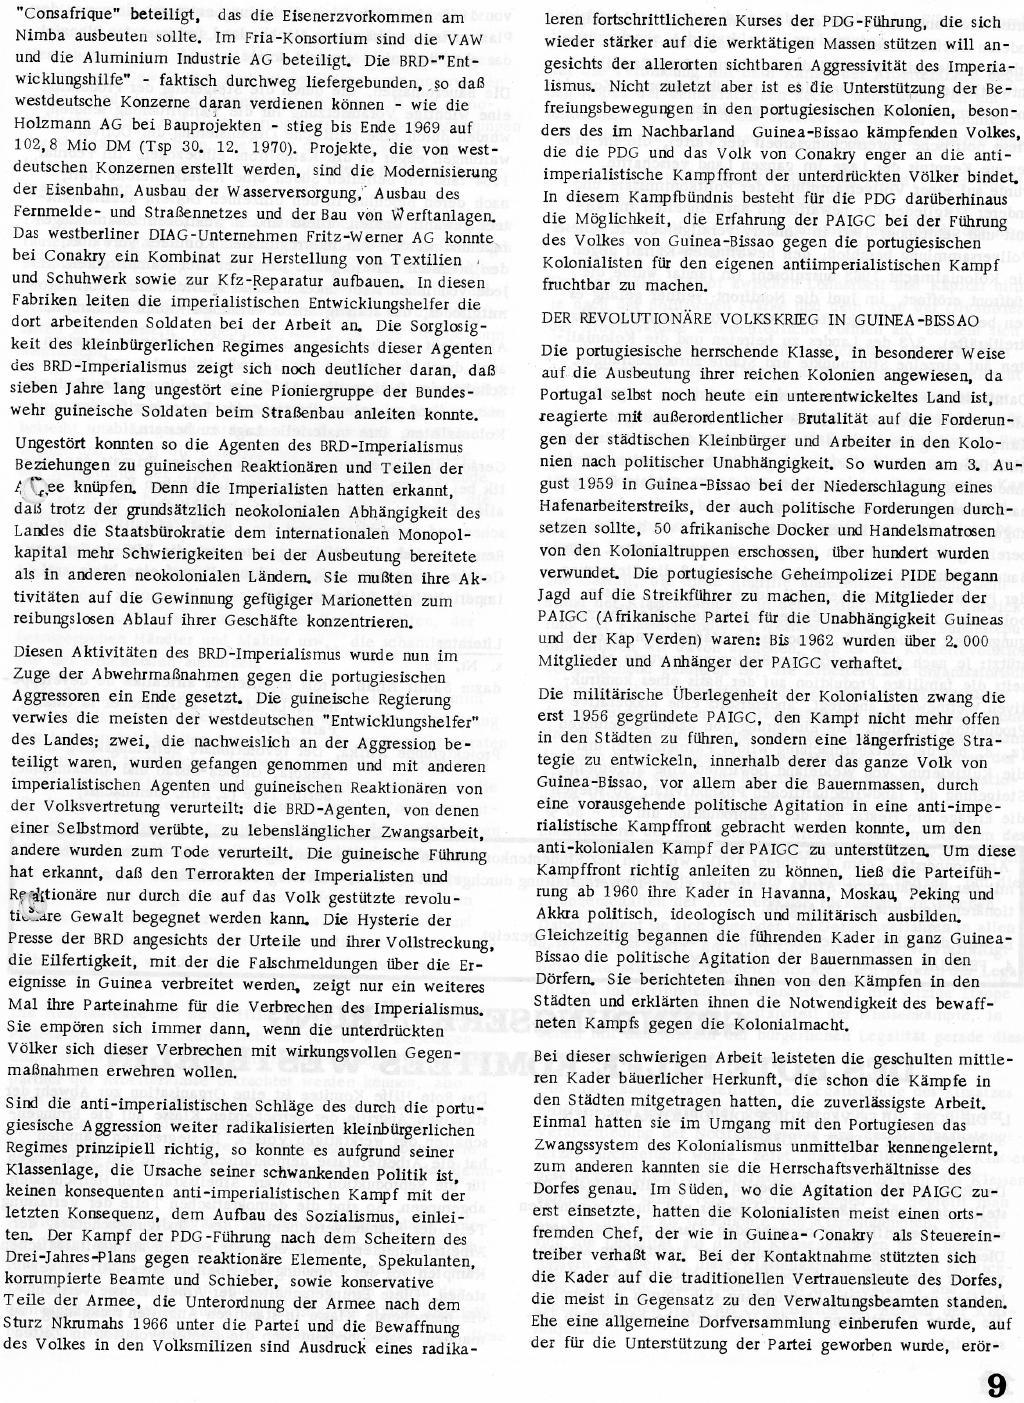 RPK_1971_100_09